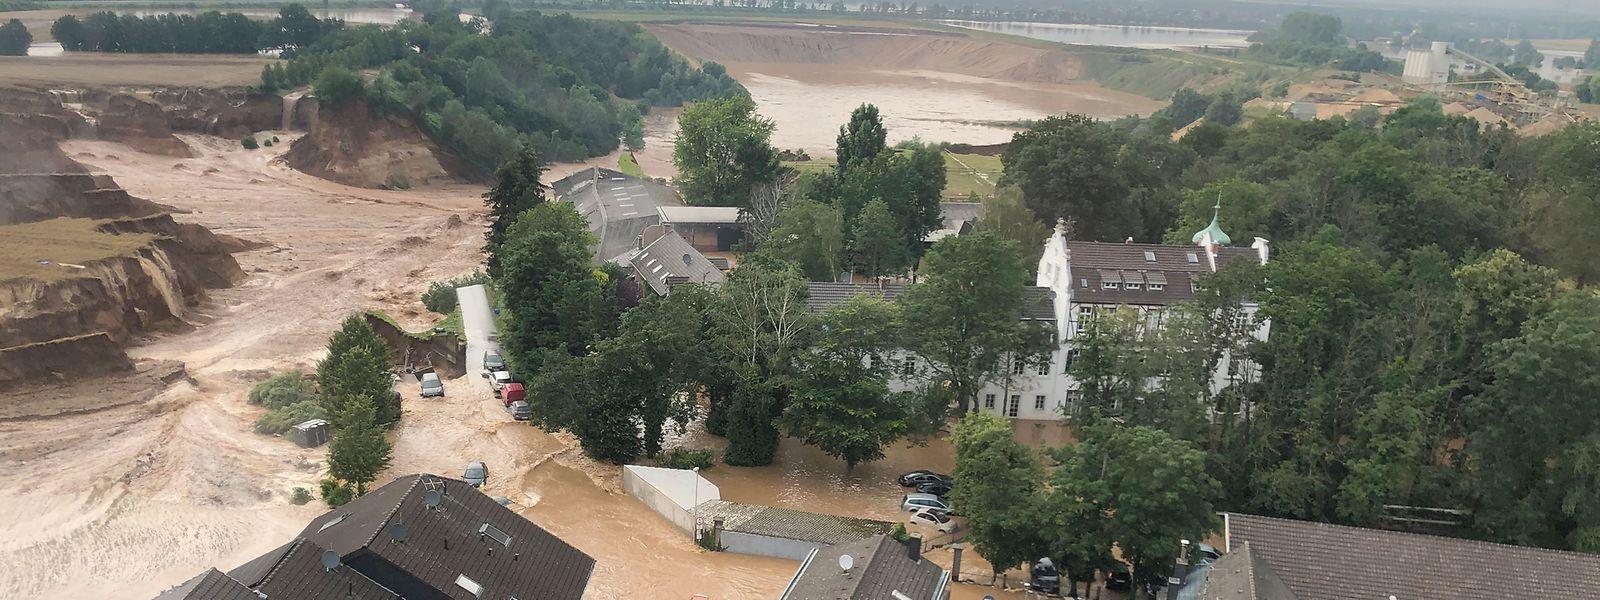 Die Überschwemmungen in Erftstadt-Blessem haben Häuser unterspült und zum Einsturz gebracht.